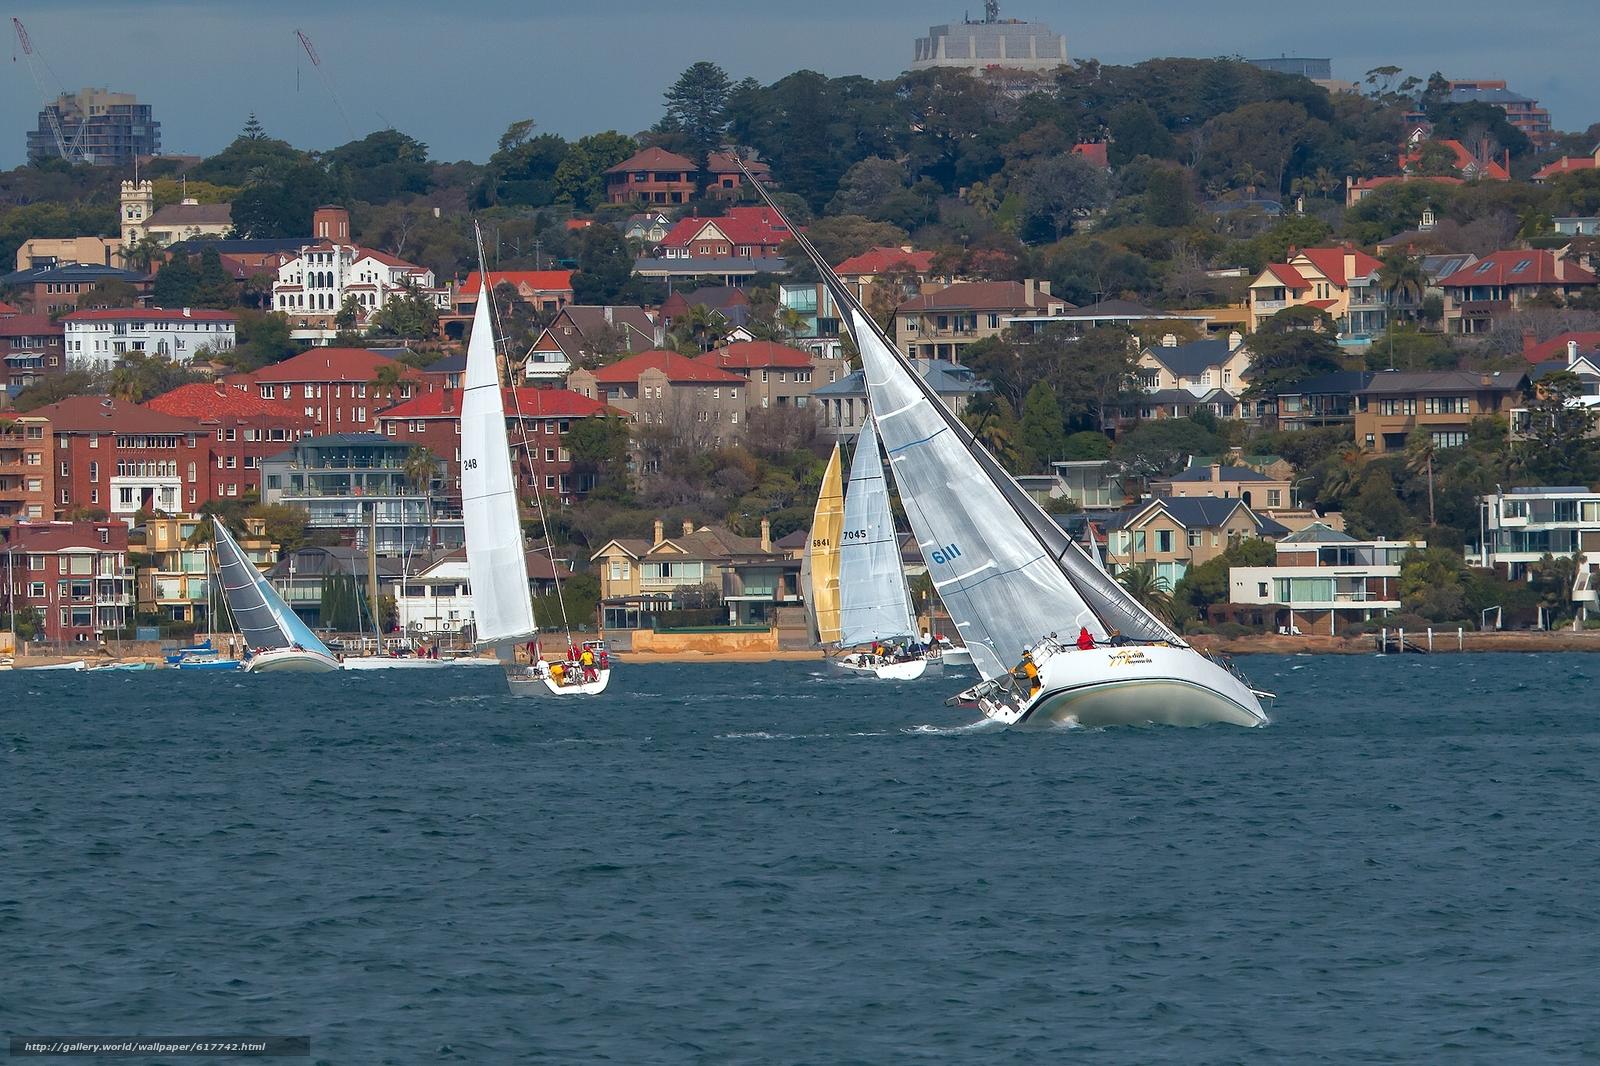 Скачать на телефон обои фото картинку на тему Sydney Harbour, Sydney, Australia, Сиднейская бухта, Сидней, Австралия, яхты, регата, здания, разширение 2048x1365